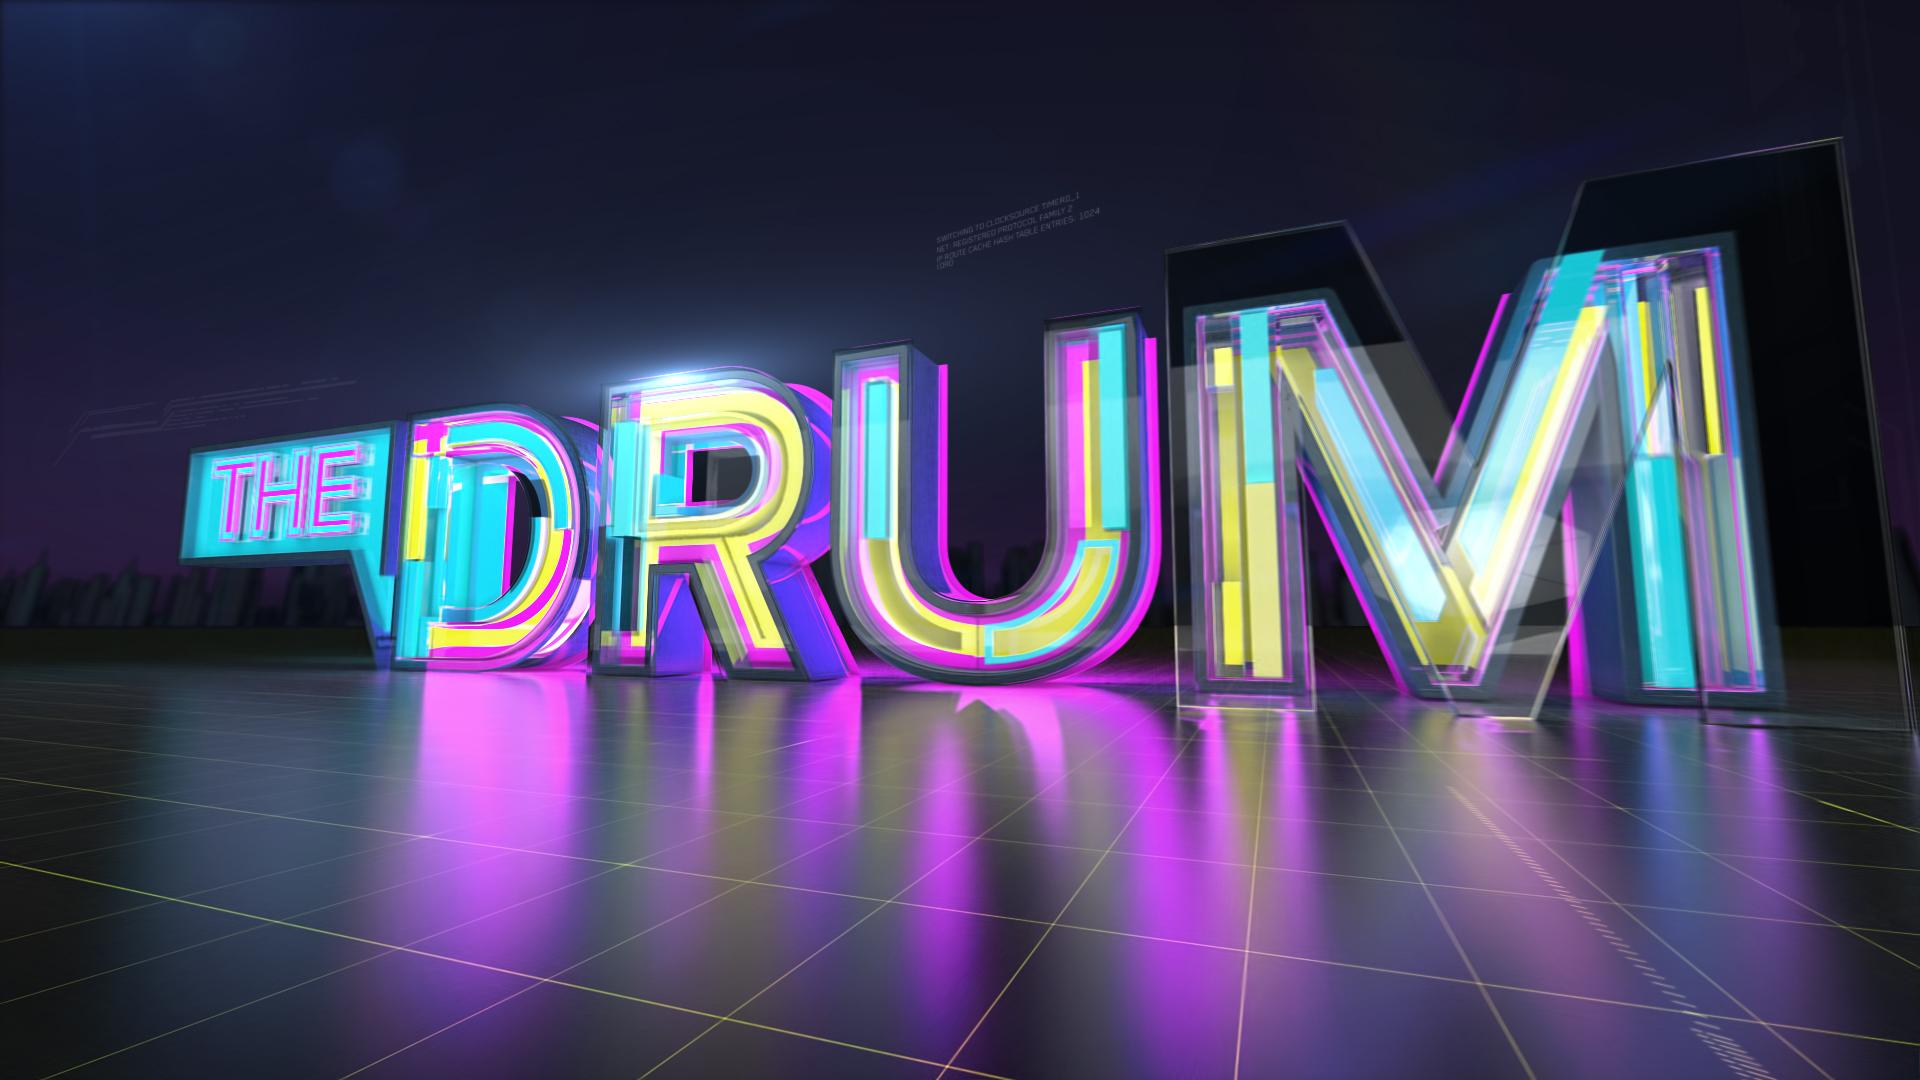 THE_DRUM_9.jpg